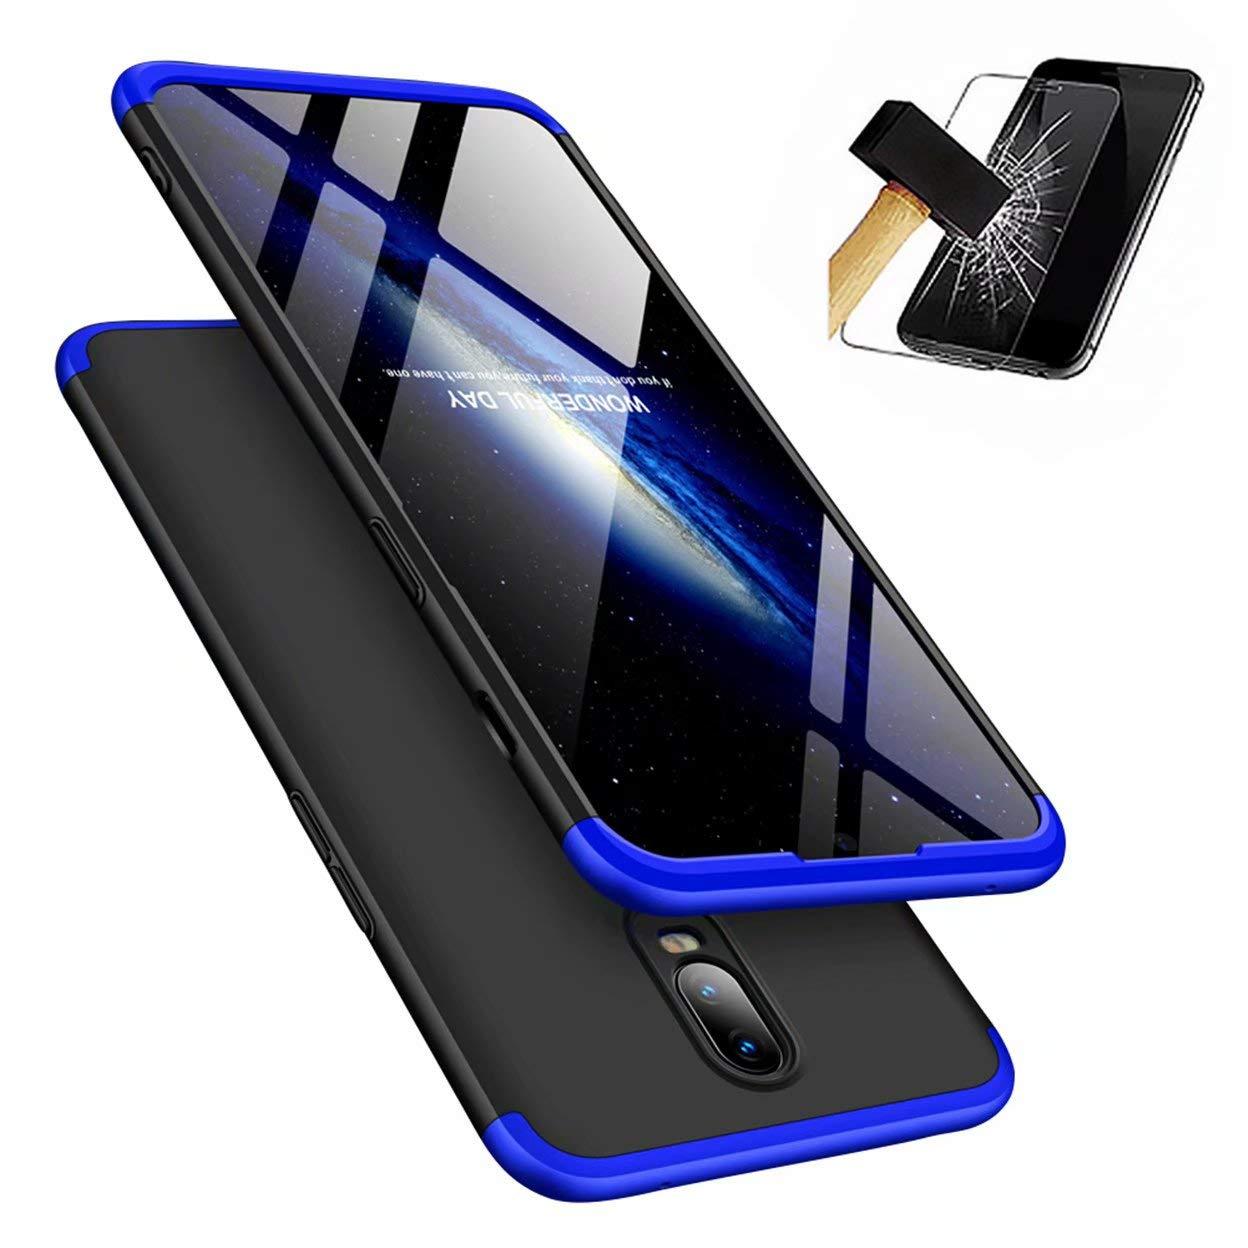 OnePlus 6Tケース、Laixin 360°フルボディPC保護スキンカバー付き強化ガラススクリーンプロテクターフィルム指紋防止耐衝撃性プラスチックハードフォンシェル(ブルー&ブラック)   B07L5PSWGK